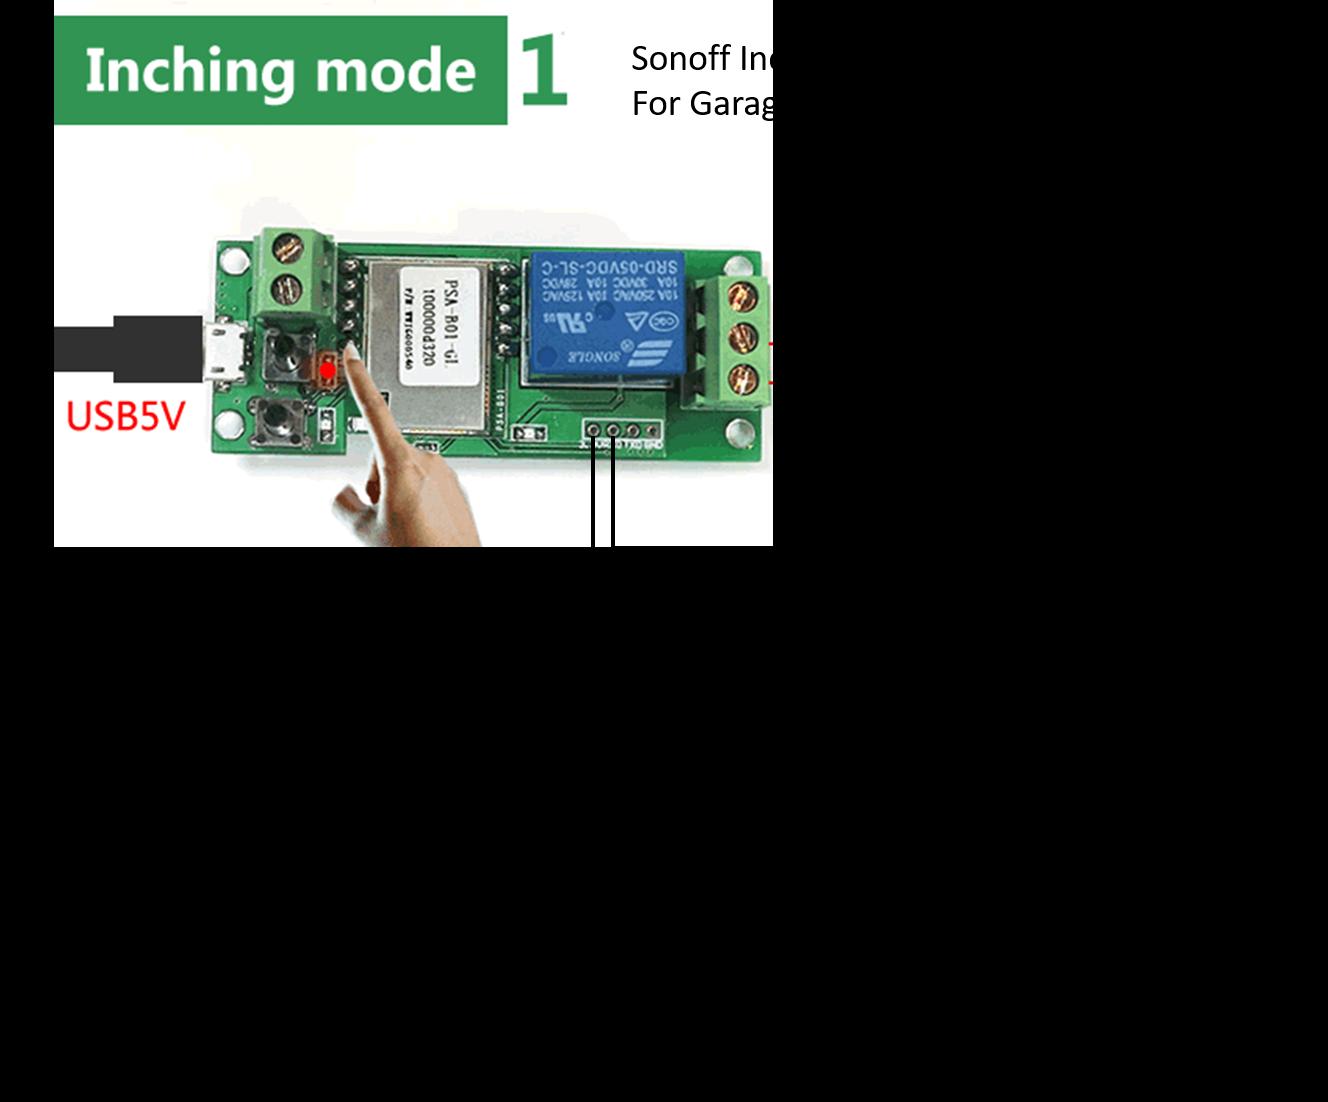 Sonoff To Be Interfaced With Garage Door Opener Itead